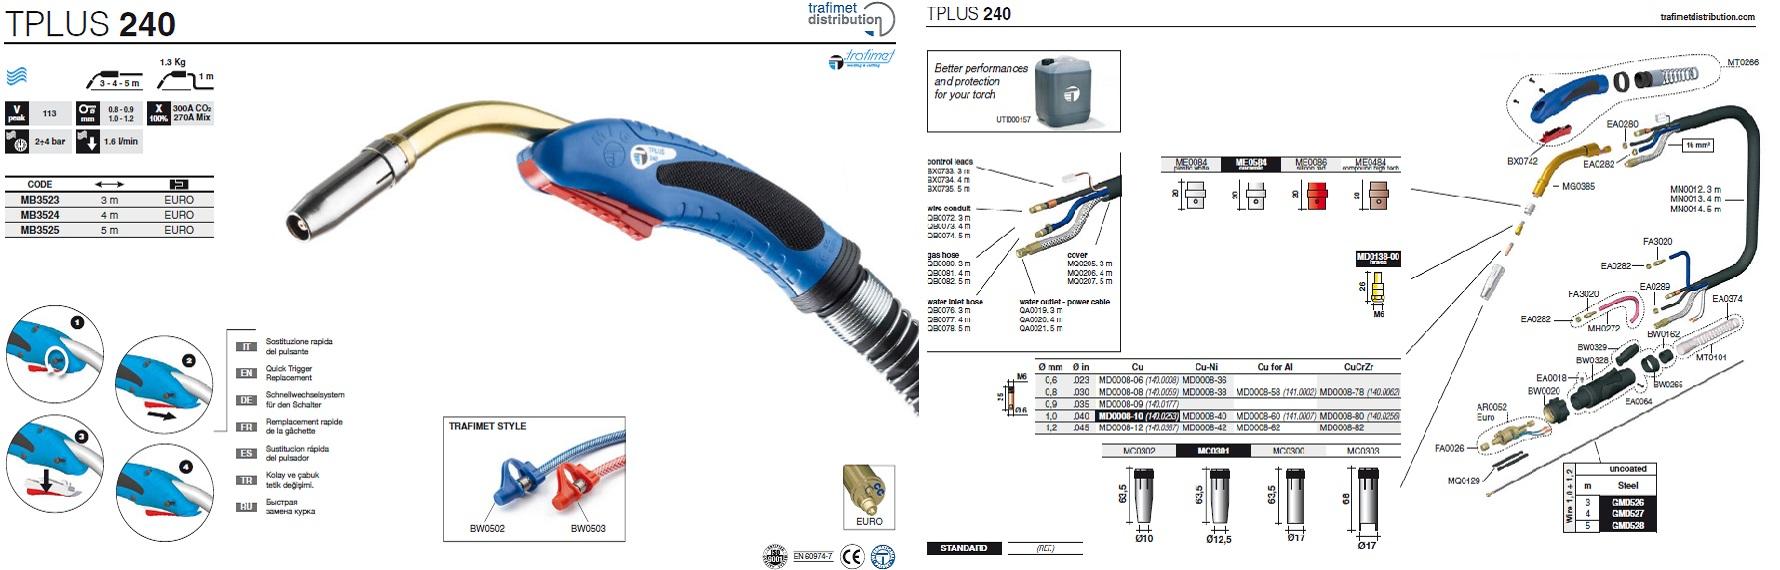 TPLUS 240